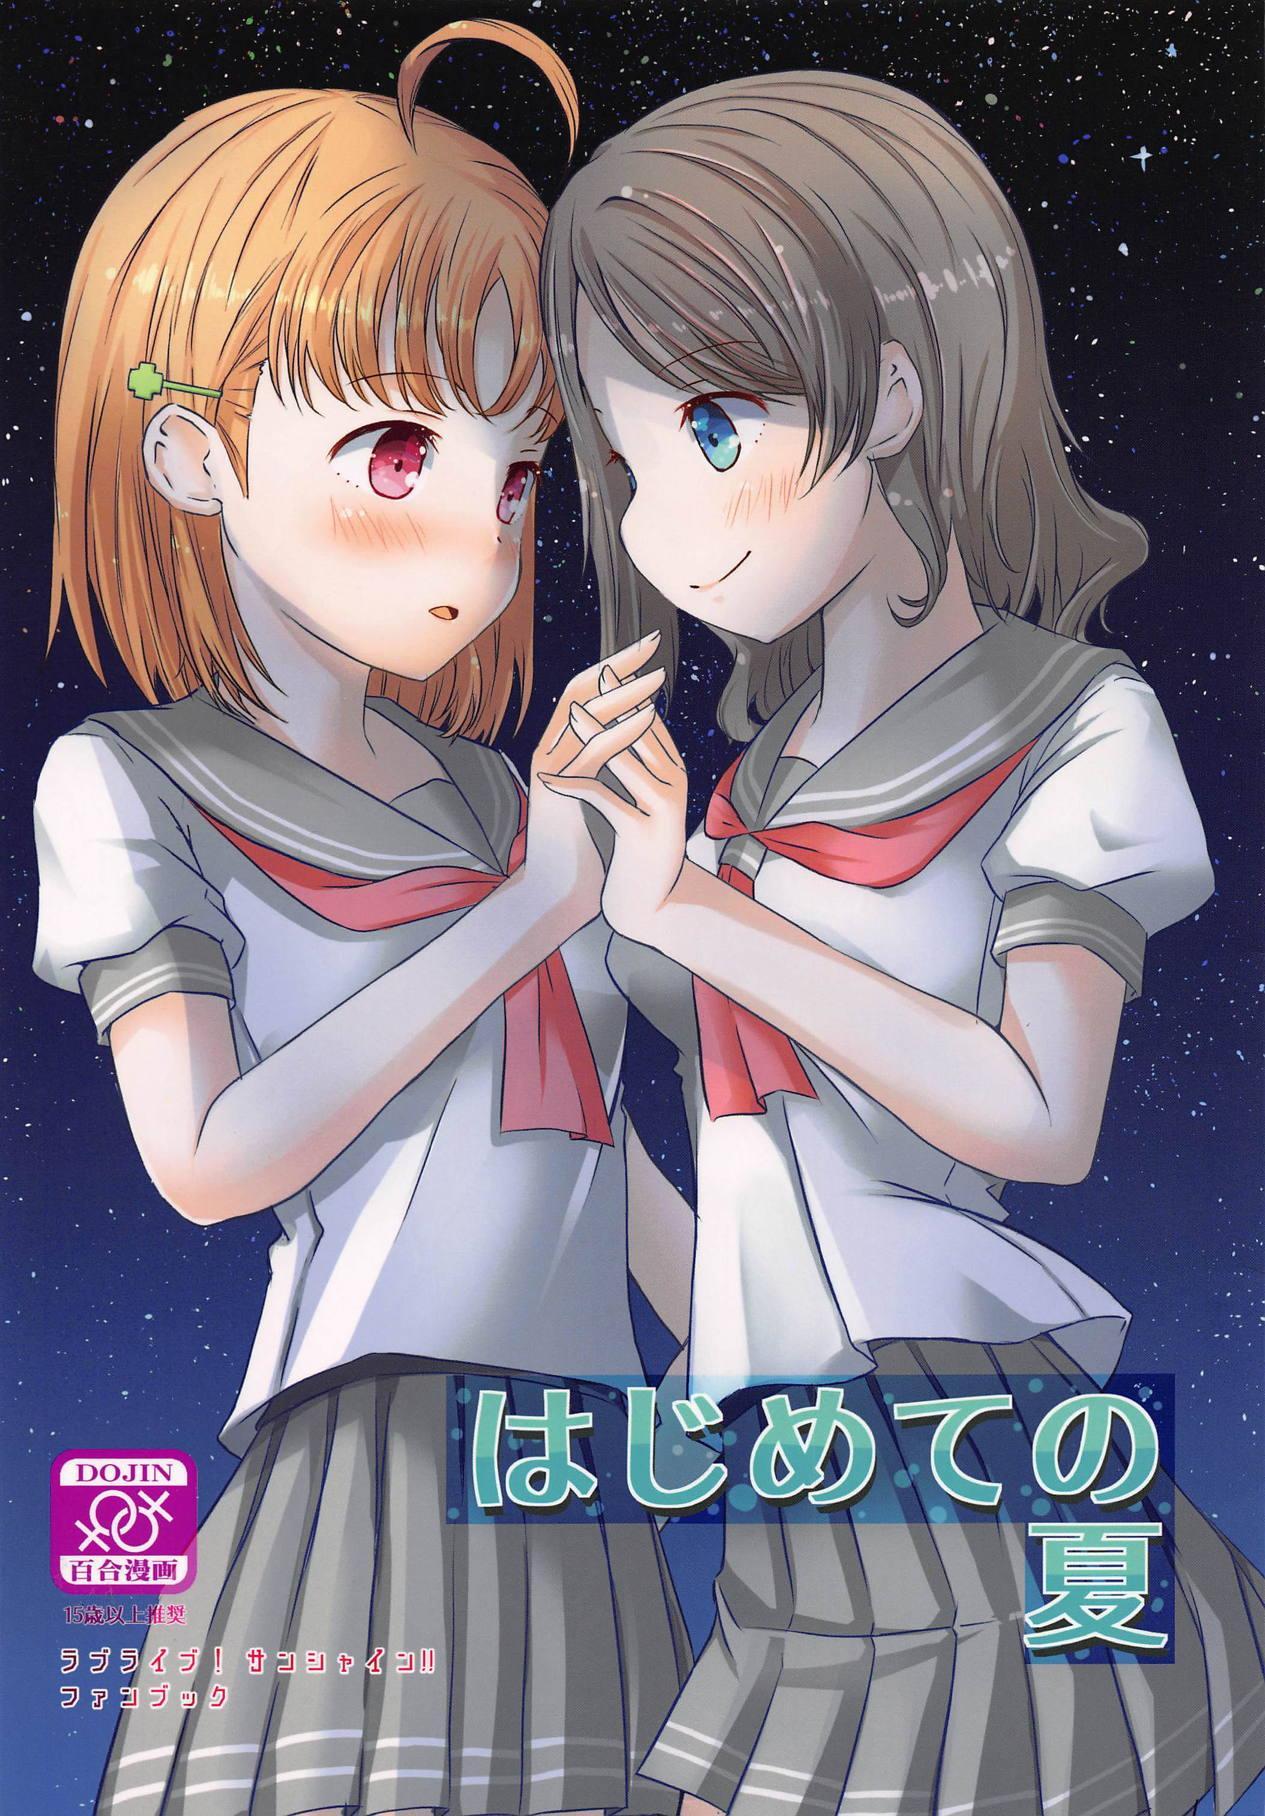 Hajimete no Natsu 0